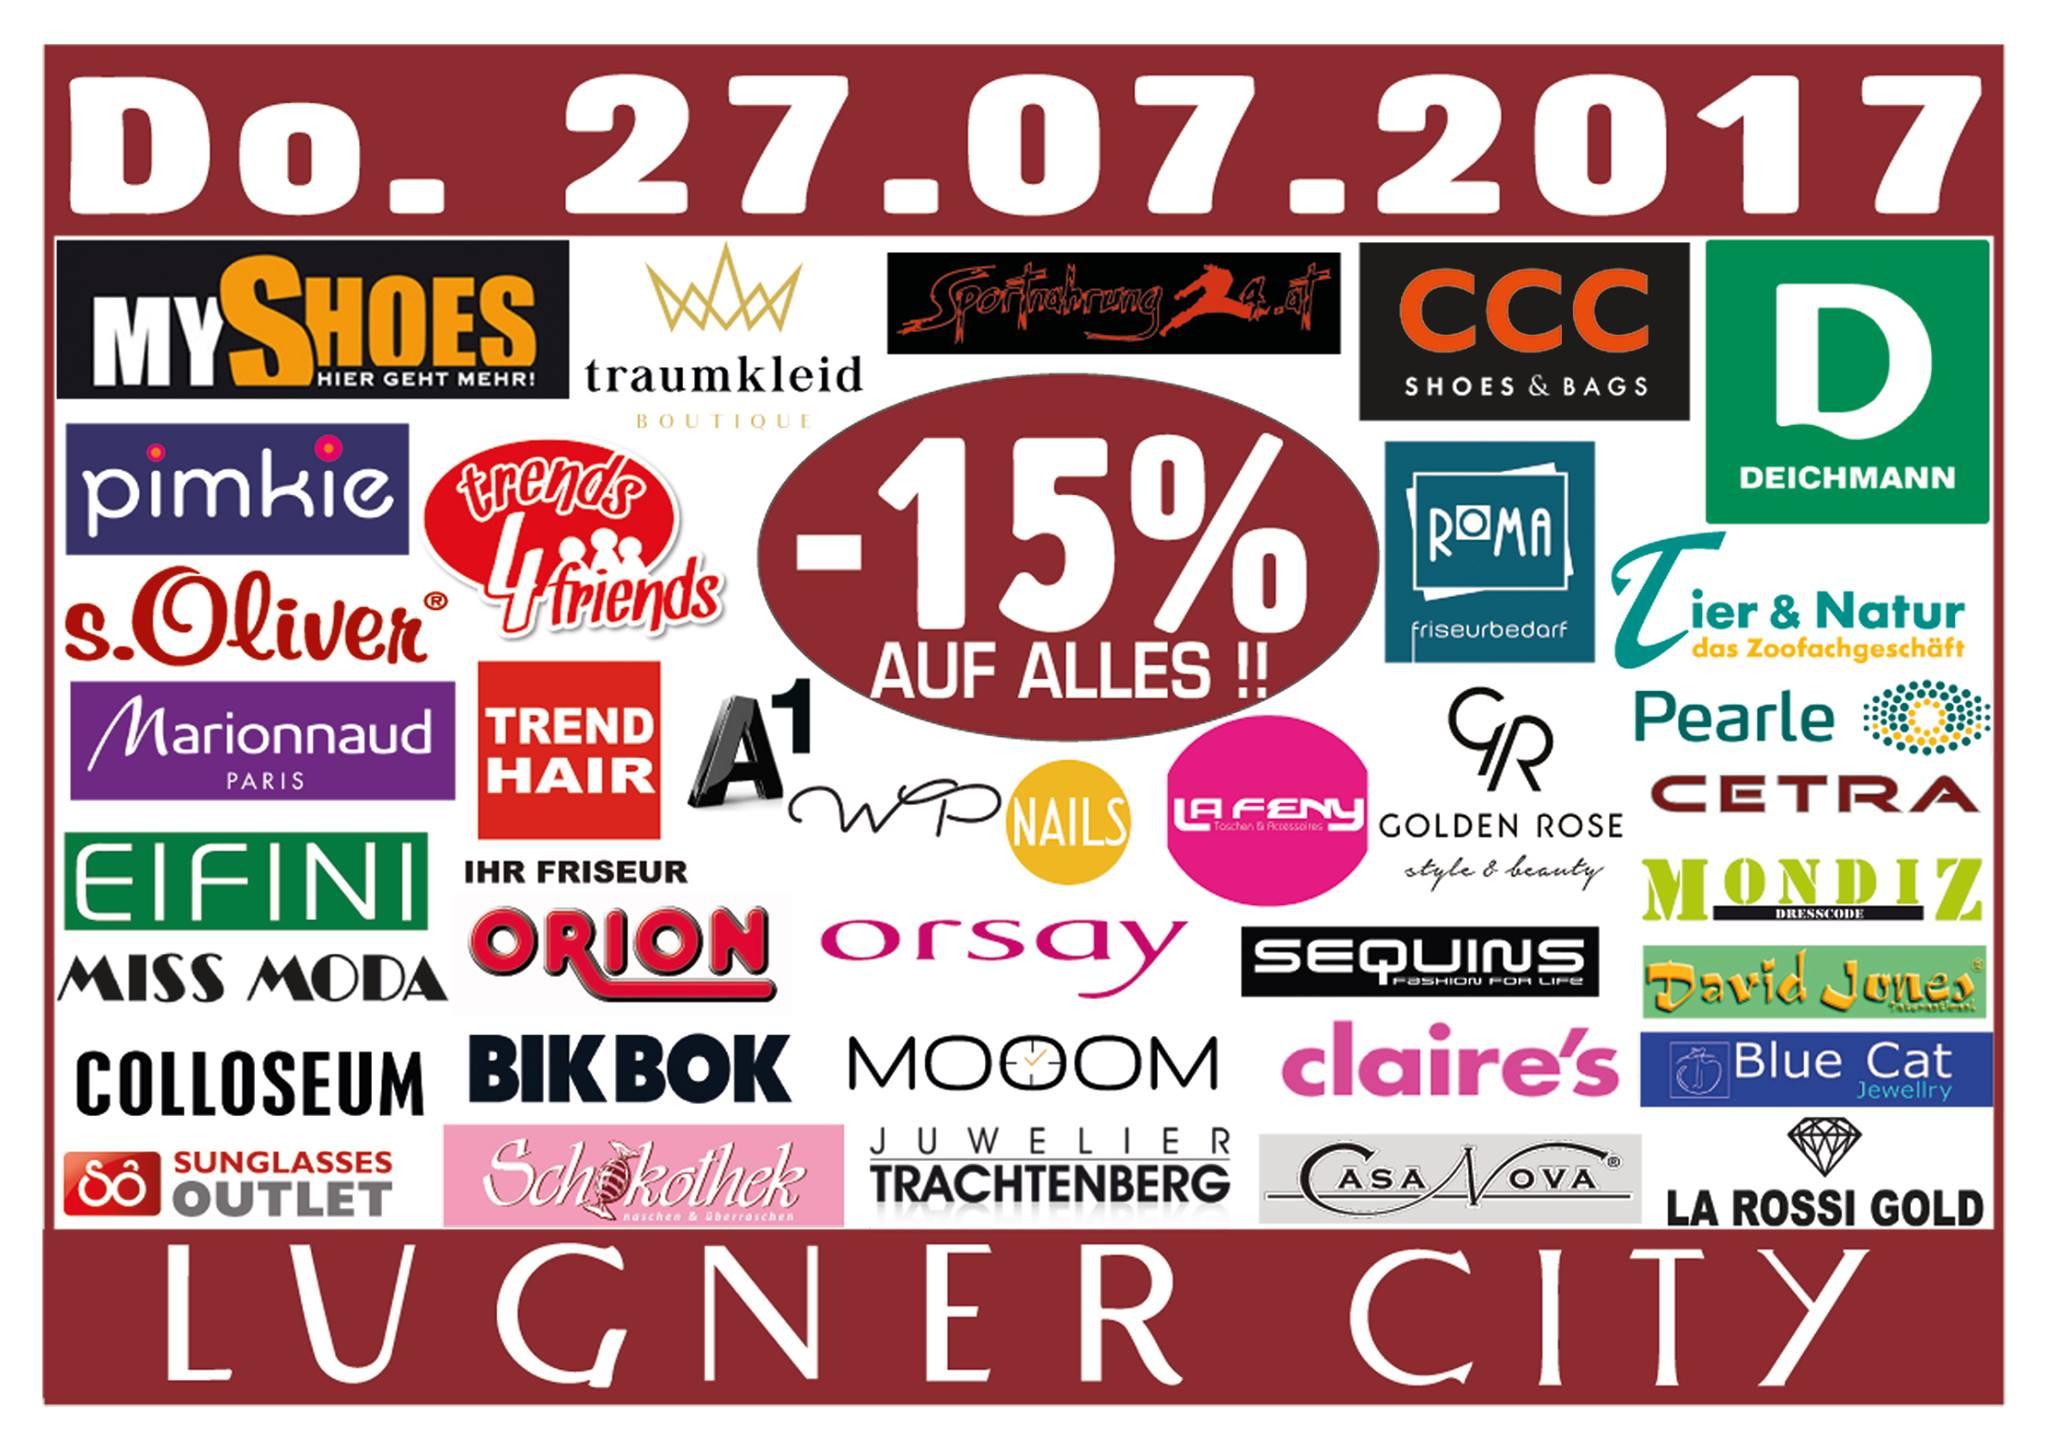 Lugner City: 15% Rabatt in vielen Shops - nur am 27. Juli